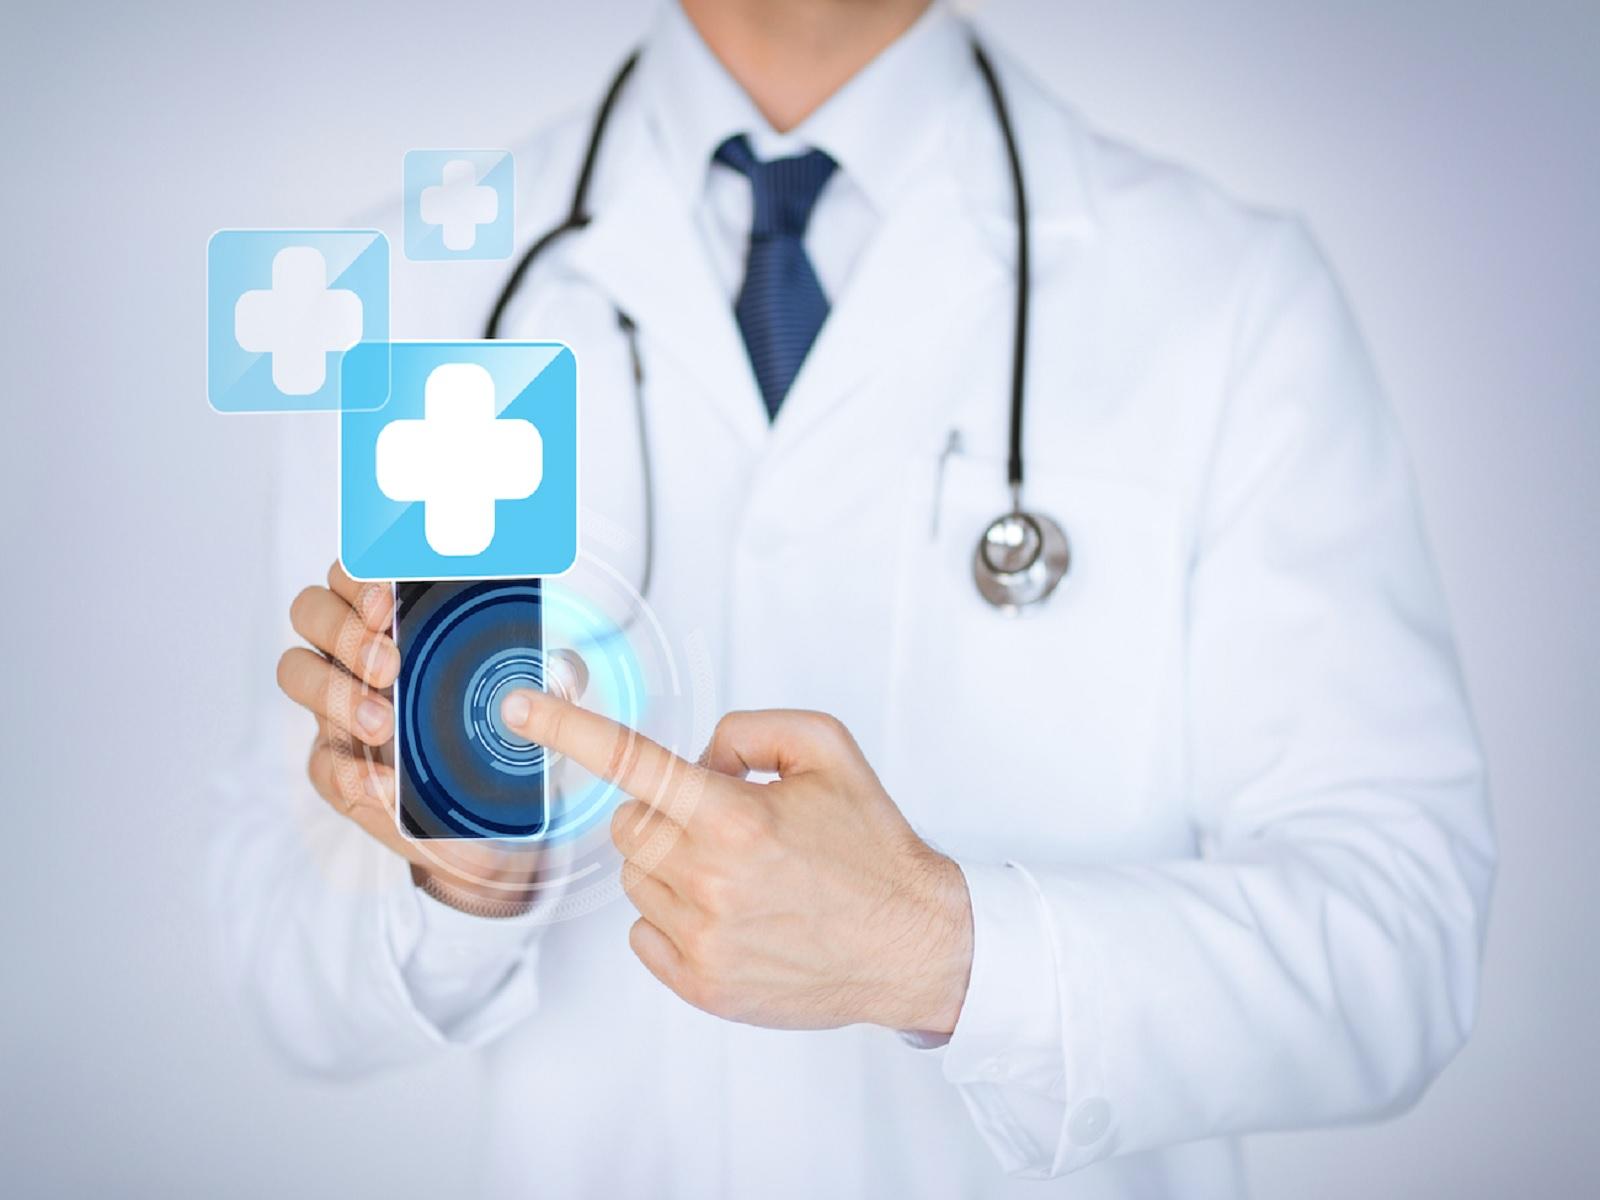 Υγειονομική περίθαλψη εφαρμογή: Κίνδυνος παραβιάσεων ασφαλείας